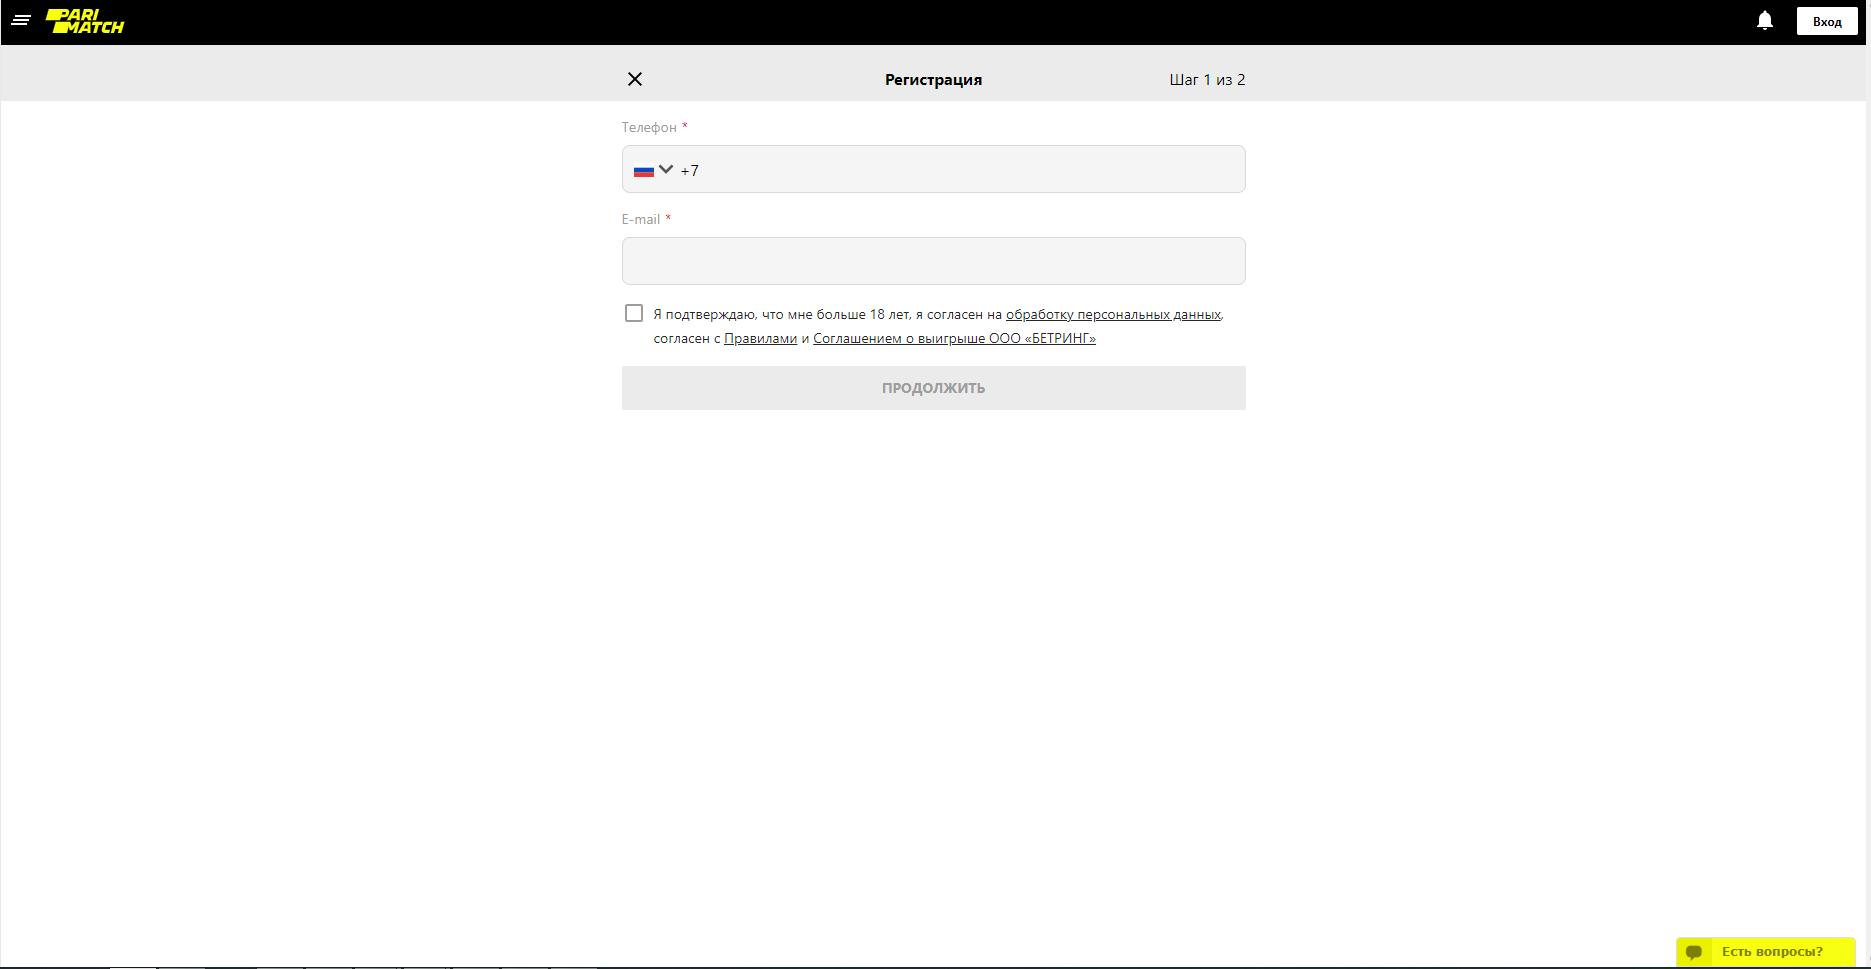 Процесс создания аккаунта в БК Parimatch